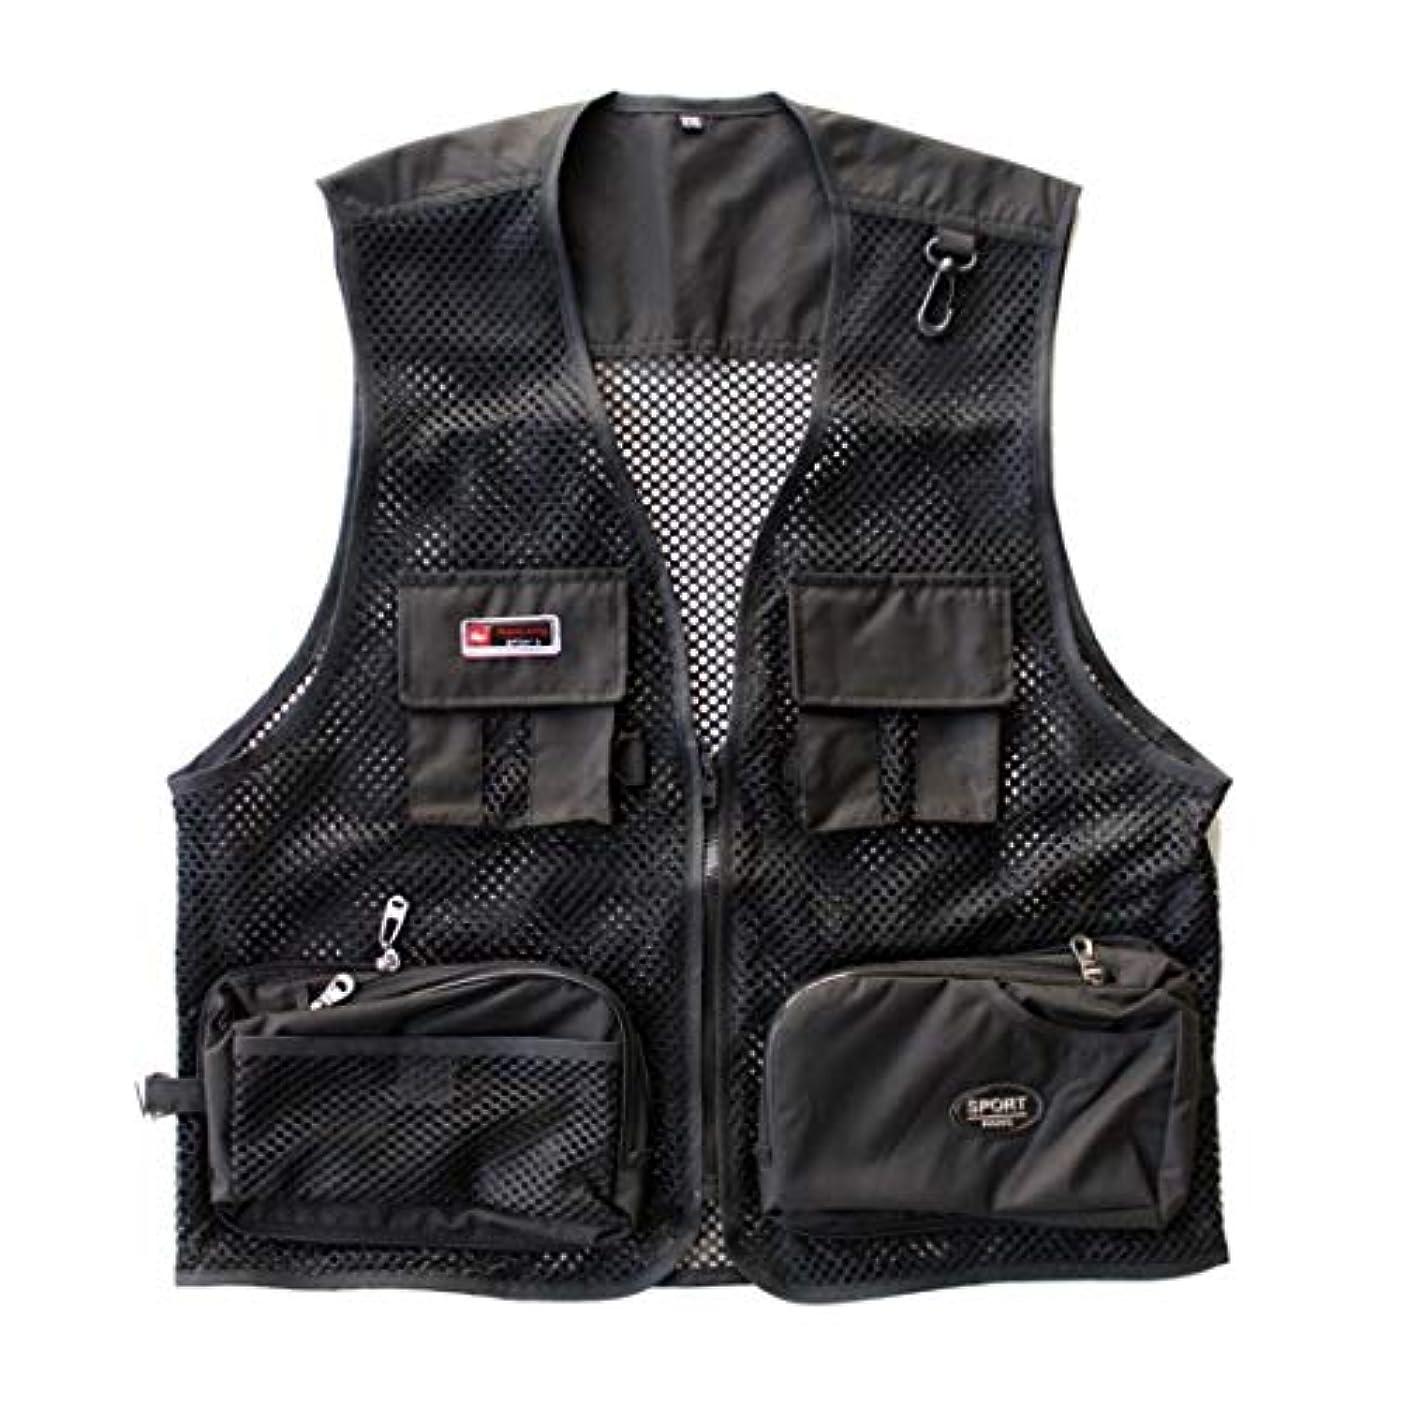 債務者ヒューバートハドソン神経障害荒波が百貨店を使う メンズリバーシブルアウトドアポケットフィッシングサファリトラベルベストジャケット (色 : 05, サイズ : XL)